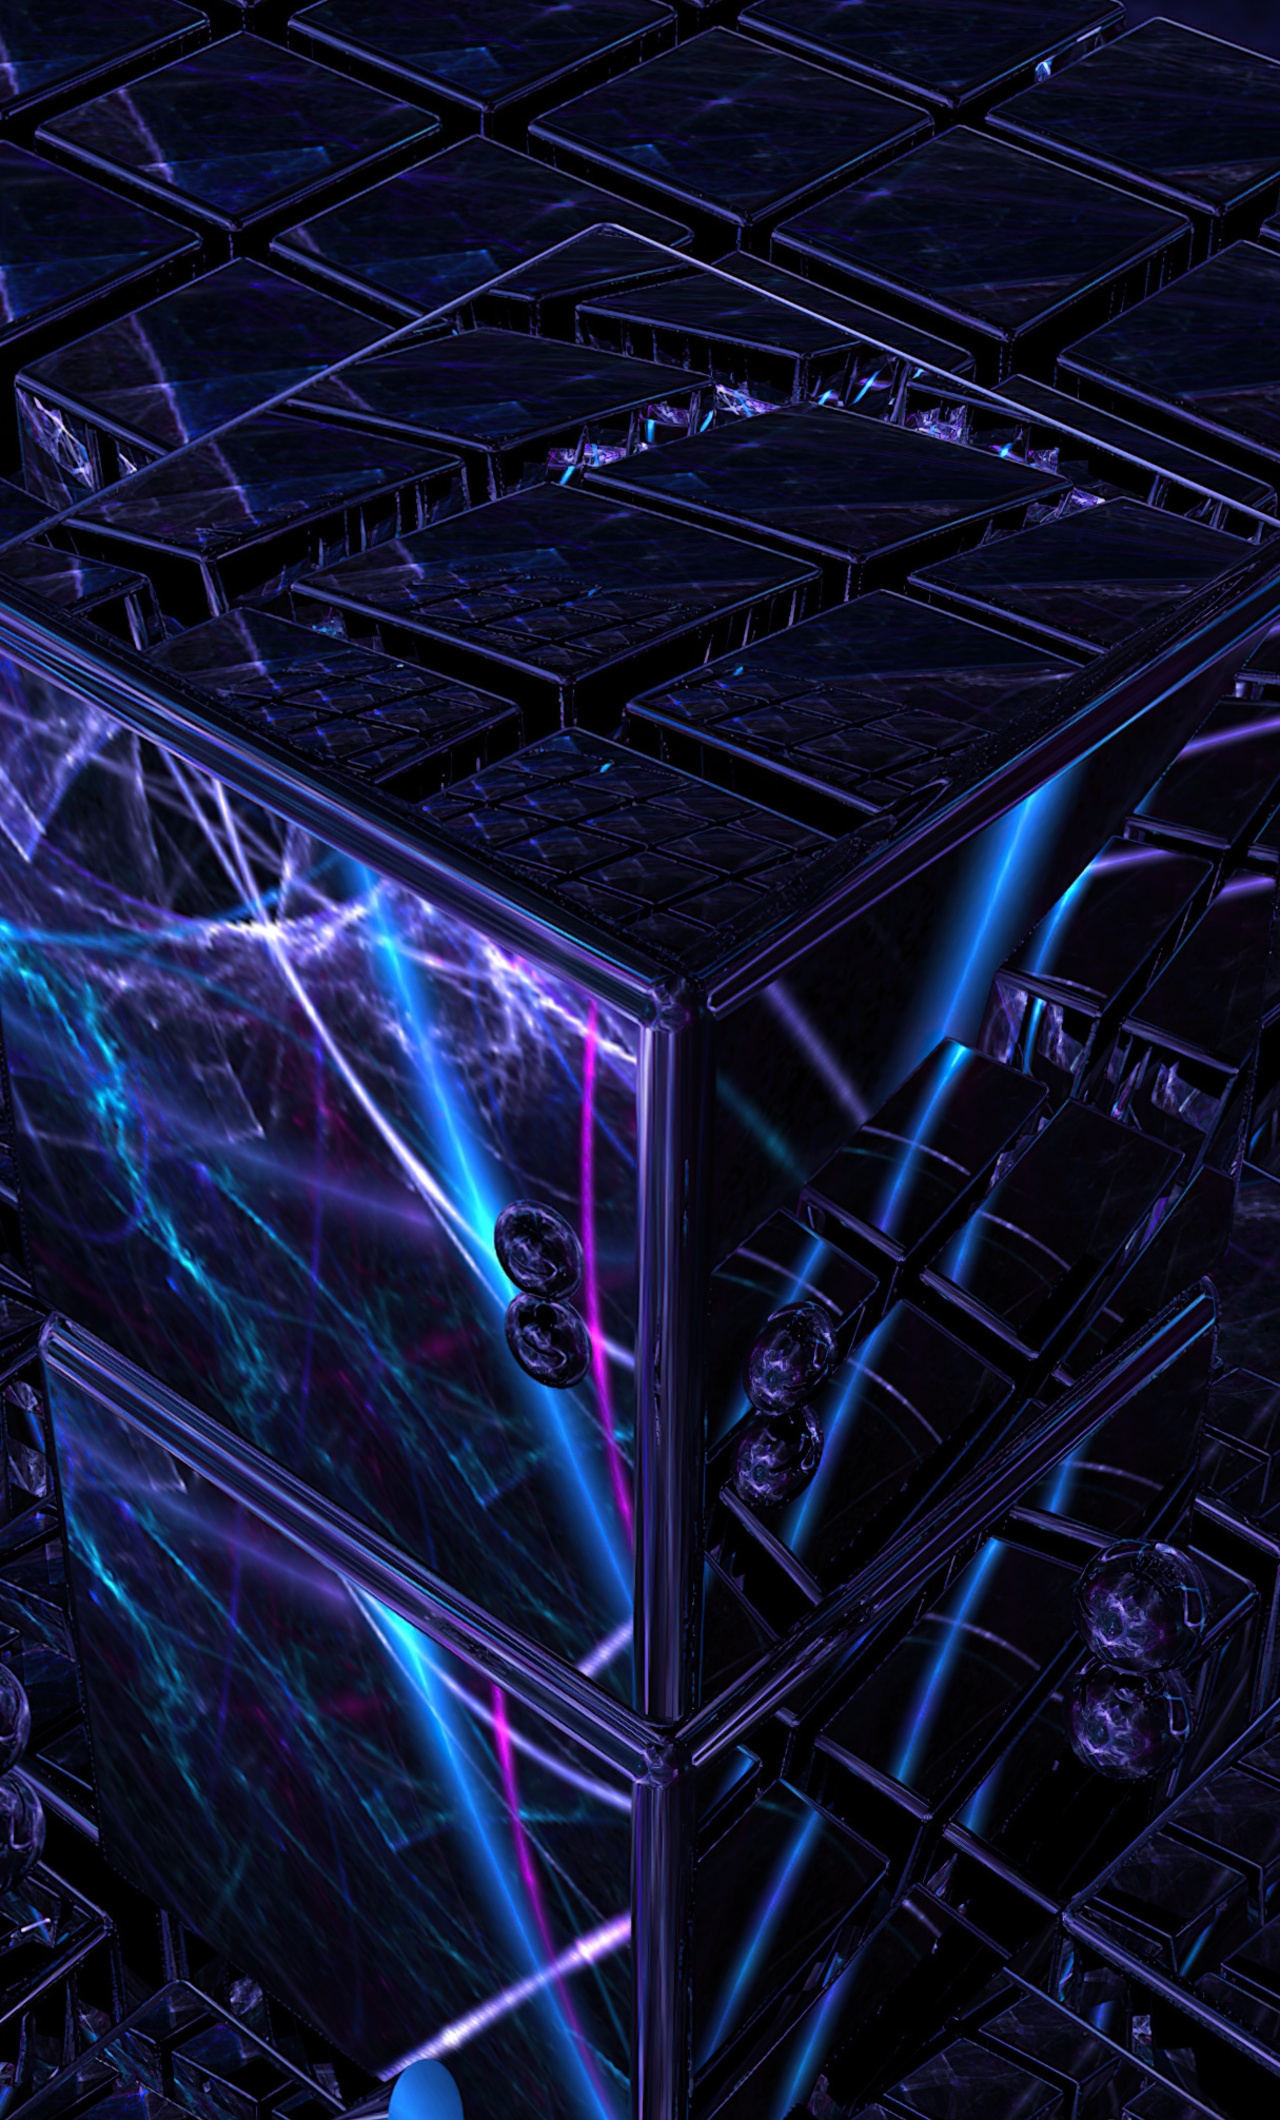 3d-cube-art-4k-j0.jpg